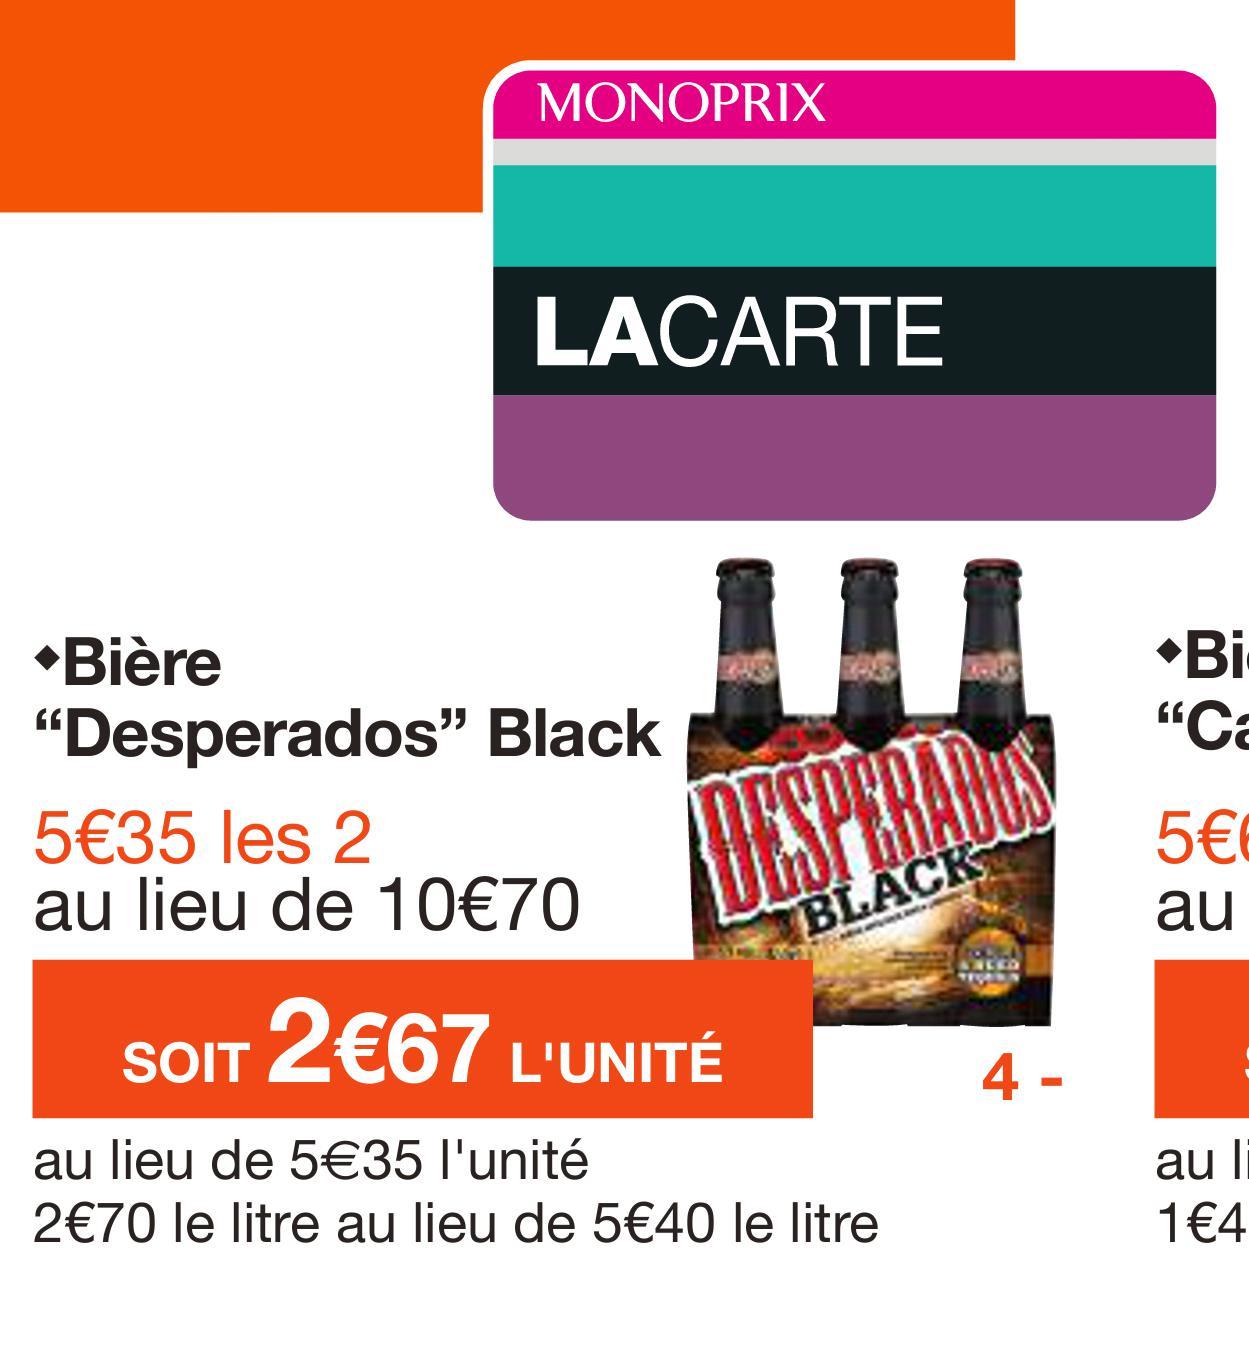 Lot de 2 packs de Desperados Black 3*33cl (via shopmium)